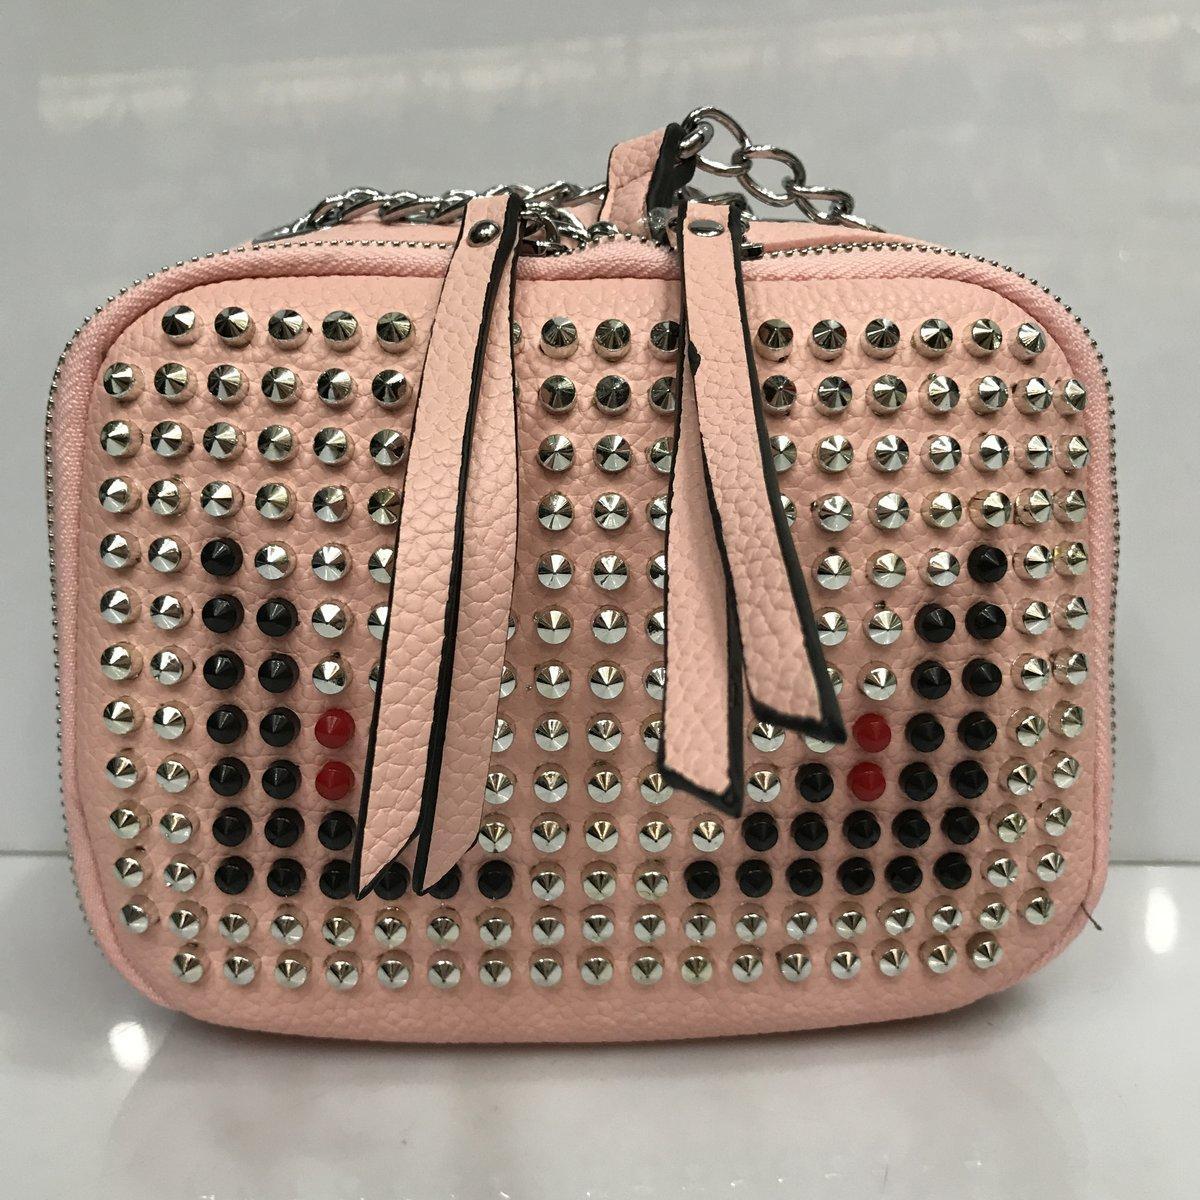 6b051c1f6049 Cумка клатч 2225 женская с шипами с плечевым ремнем разные цвета розовый -  Shoppingood в Харькове